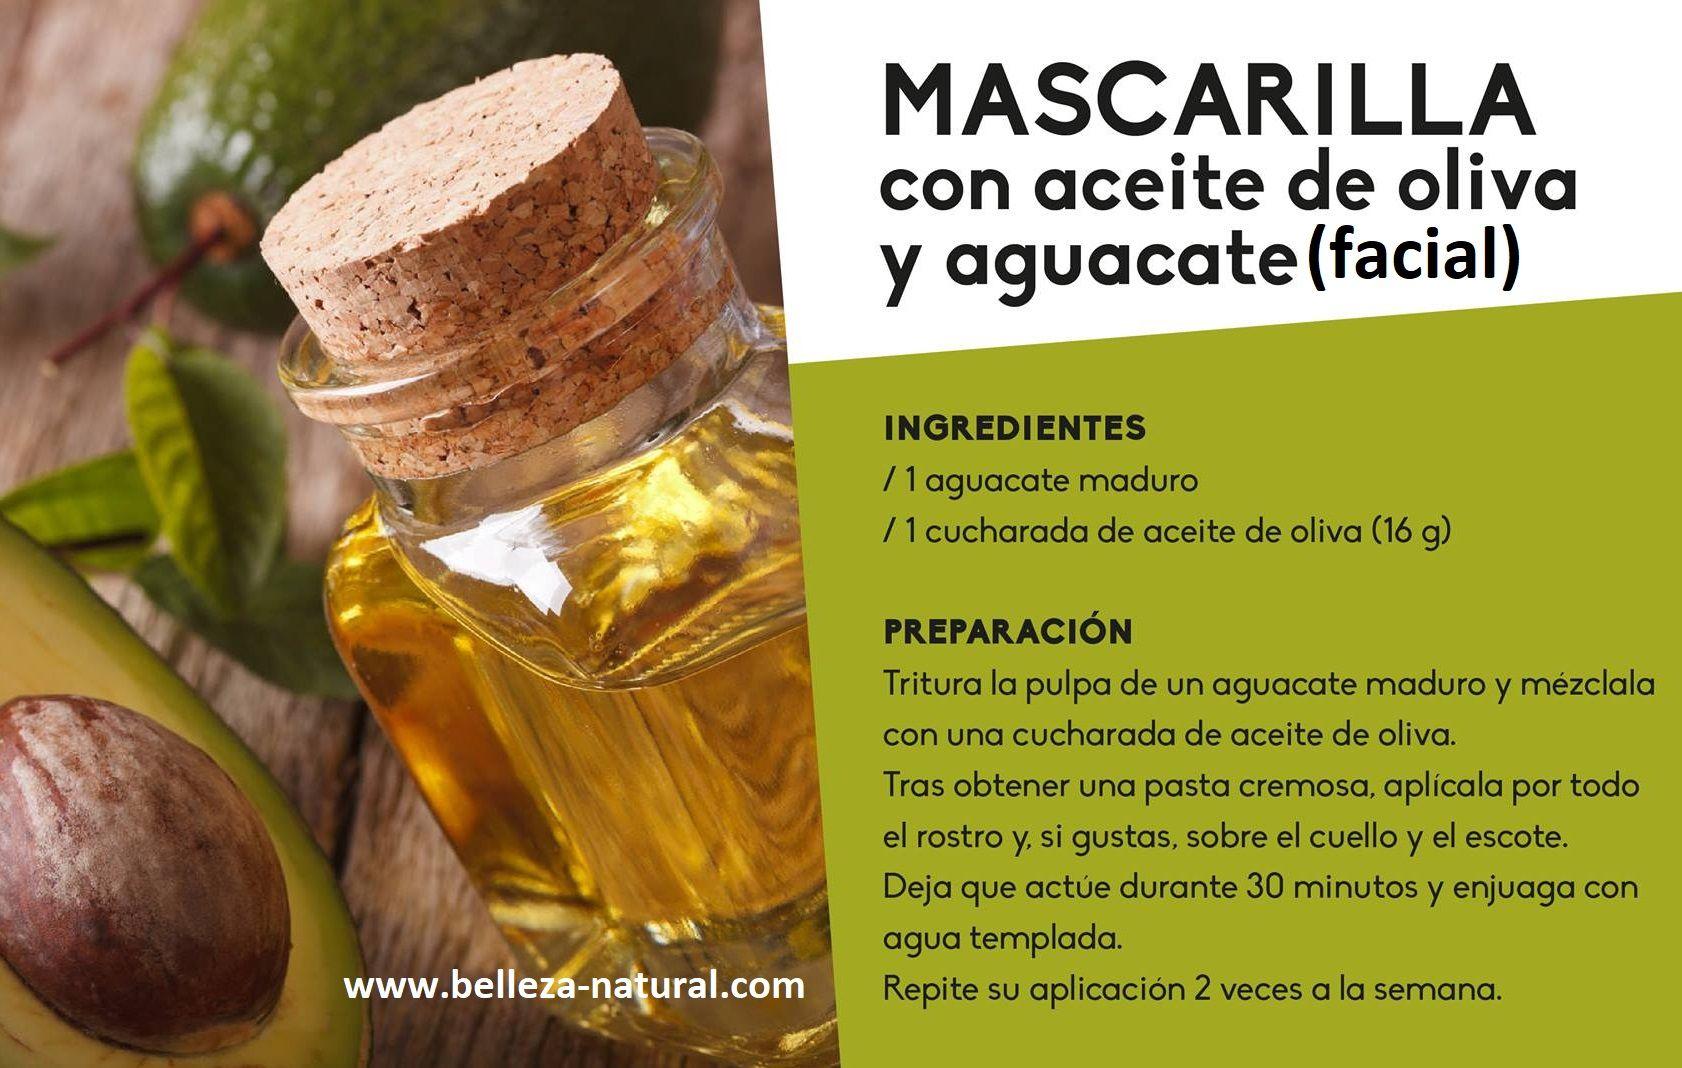 Mascarilla De Aguacate Y Aceite De Oliva Para La Cara Mascarillas De Aguacate Recetas De Belleza Tips De Belleza Naturales